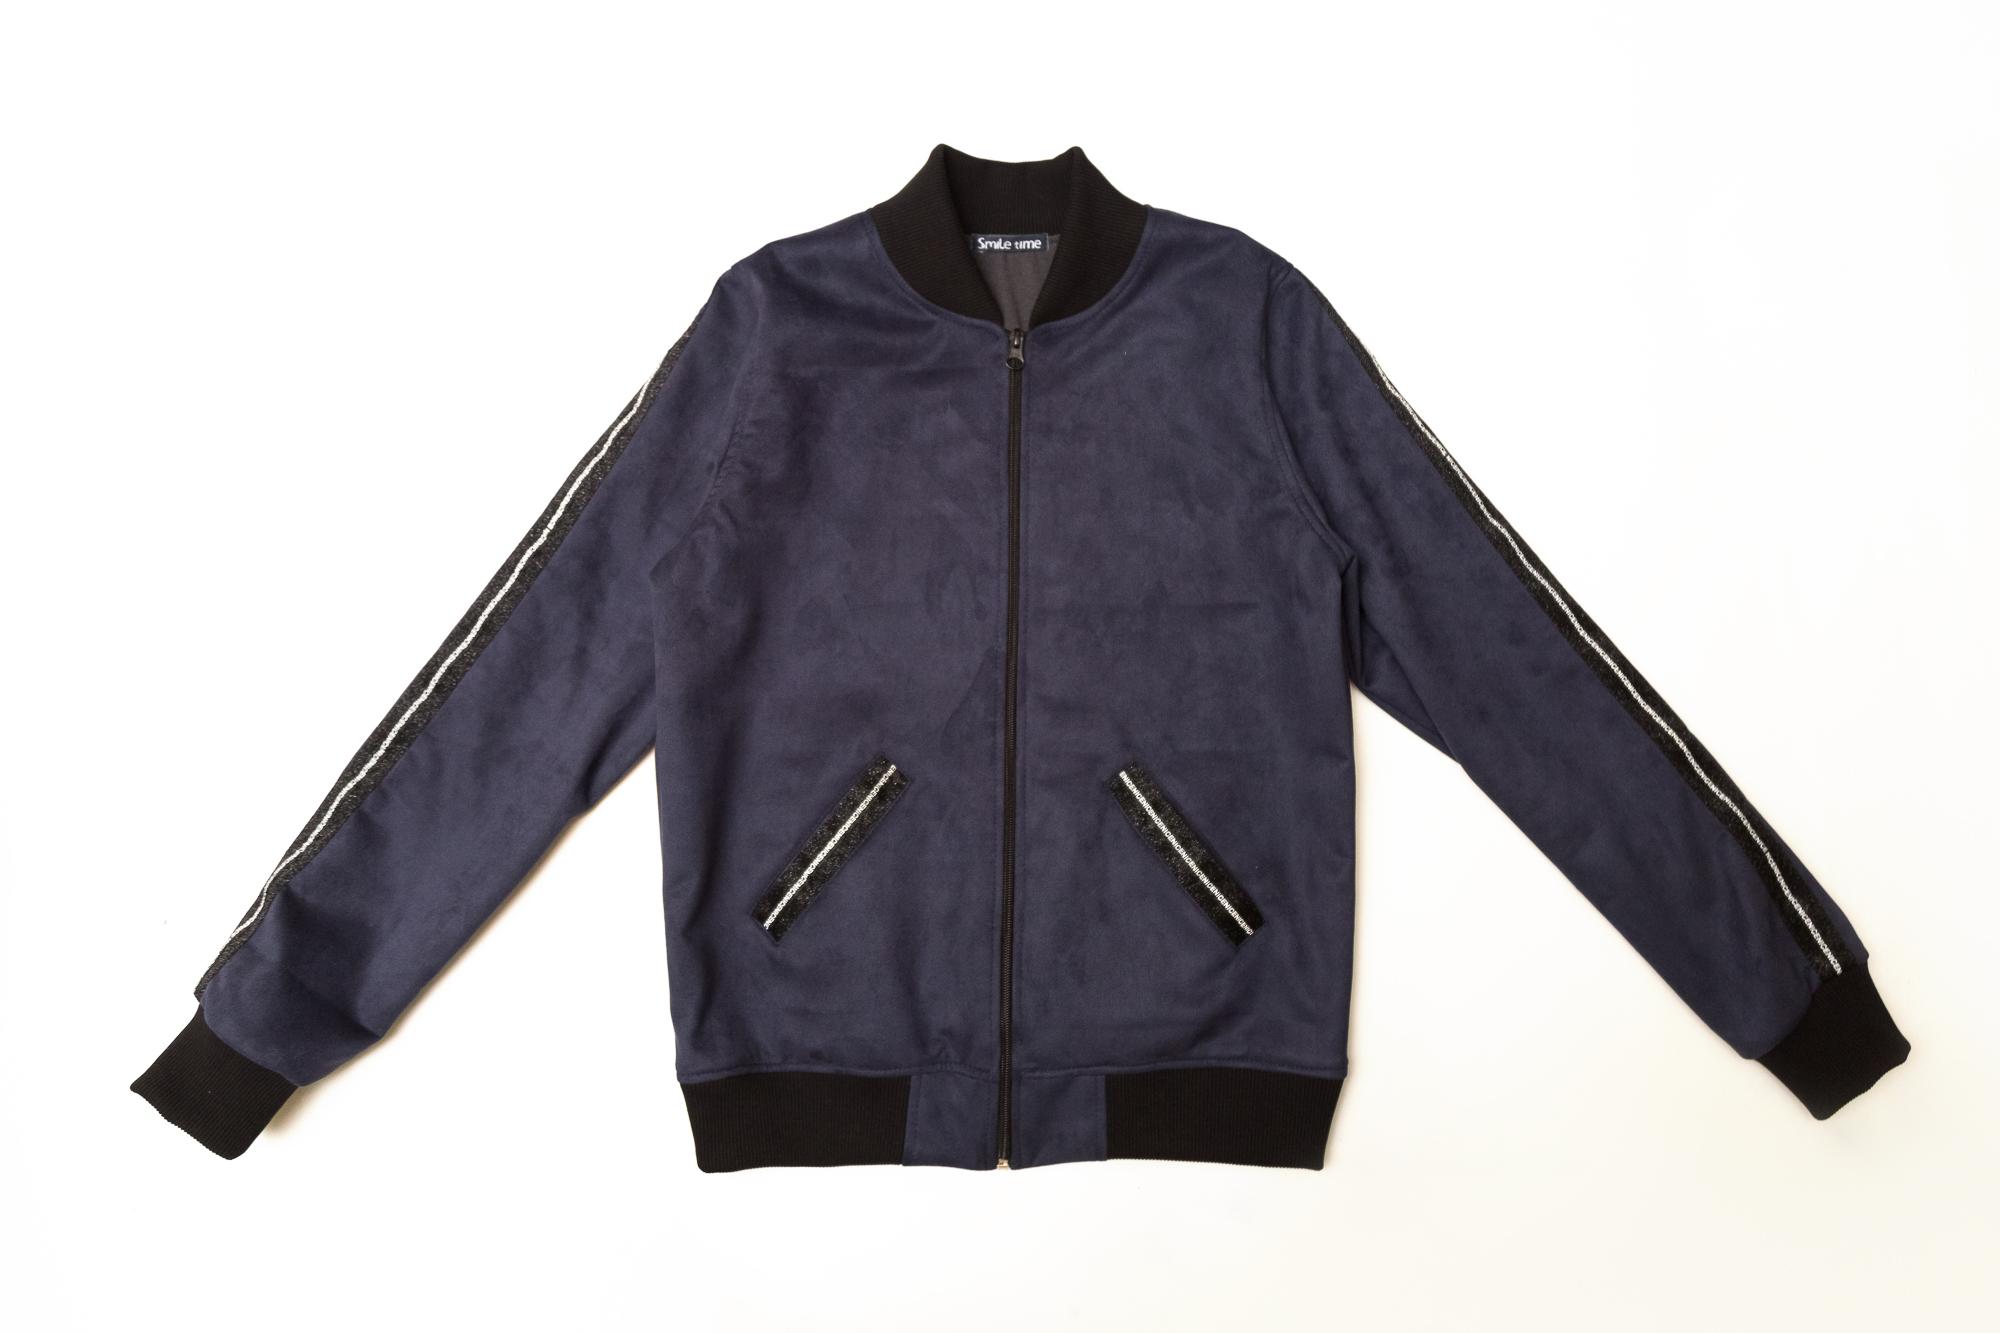 Куртка бомбер для дівчинки, замшева на підкладки, синя, SmileTime New Look